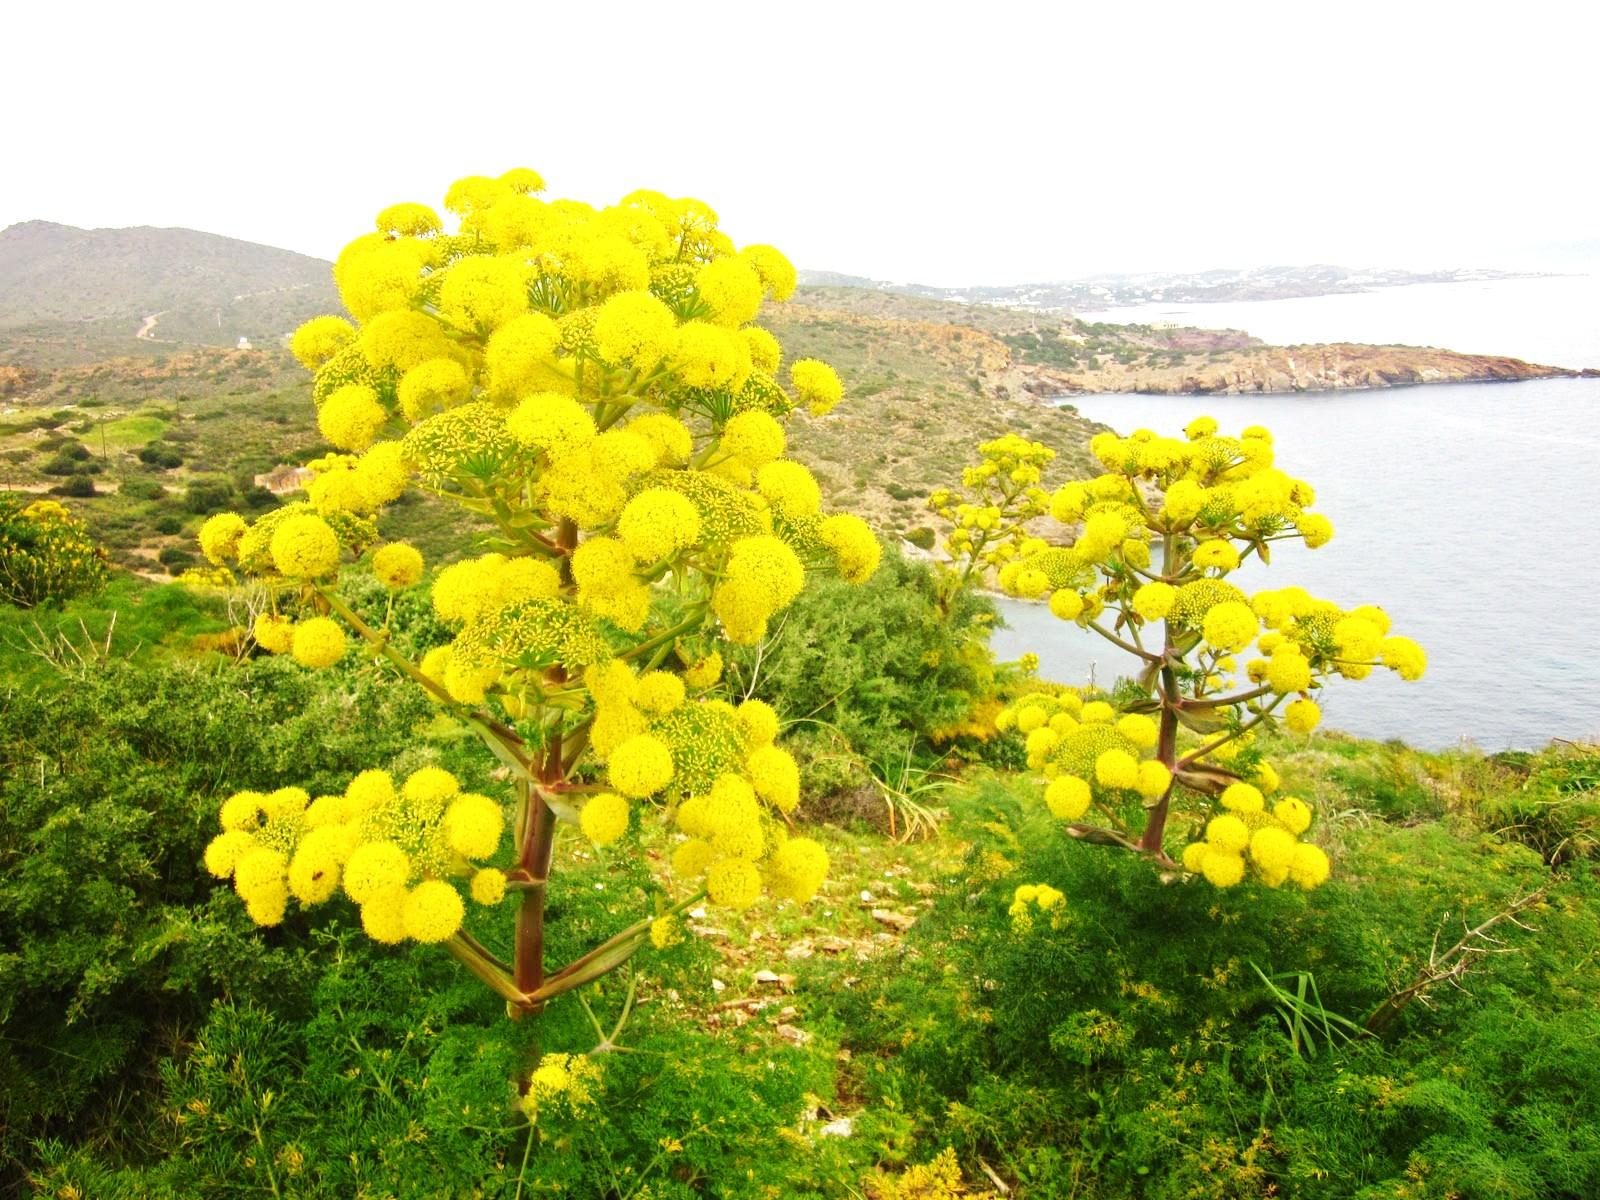 Cyprus (Wildflowers)